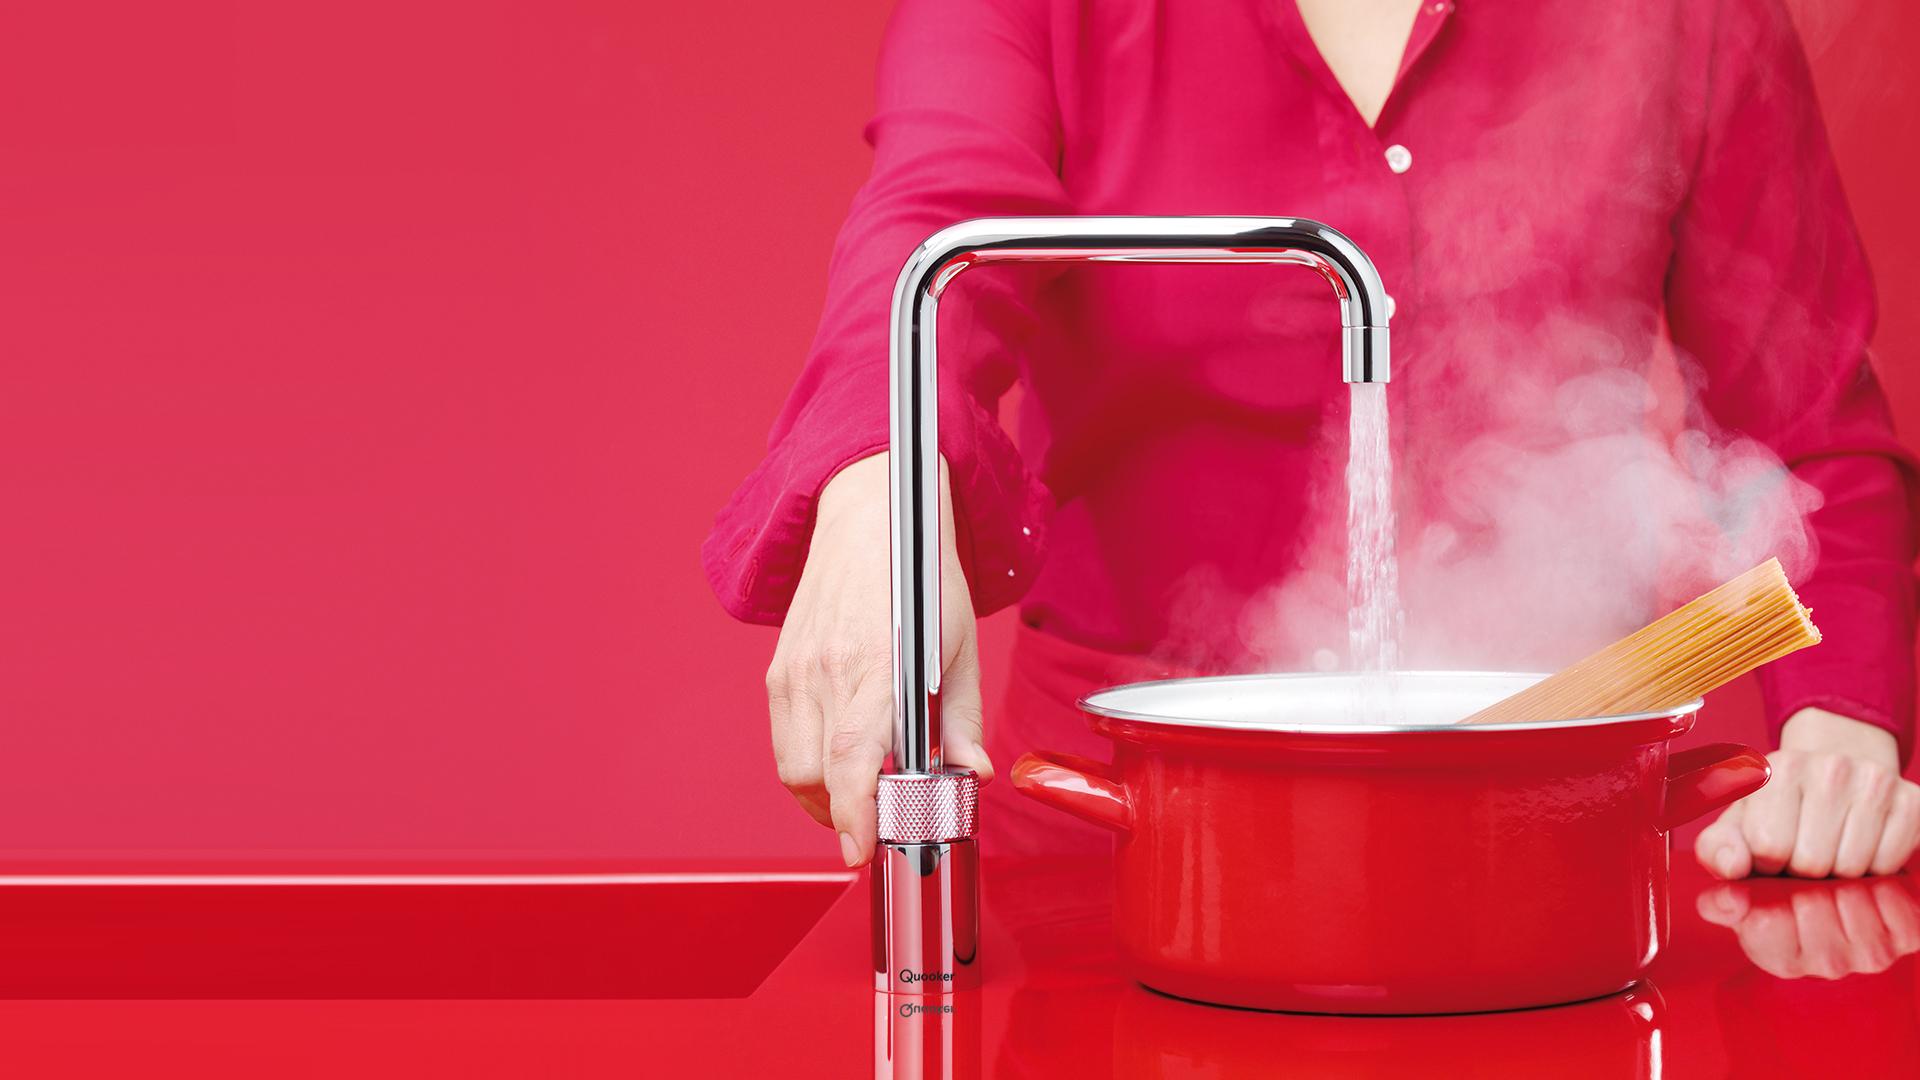 Keuken Met Quooker : Kokend water kranen Startpagina voor keuken idee?n UW-keuken.nl